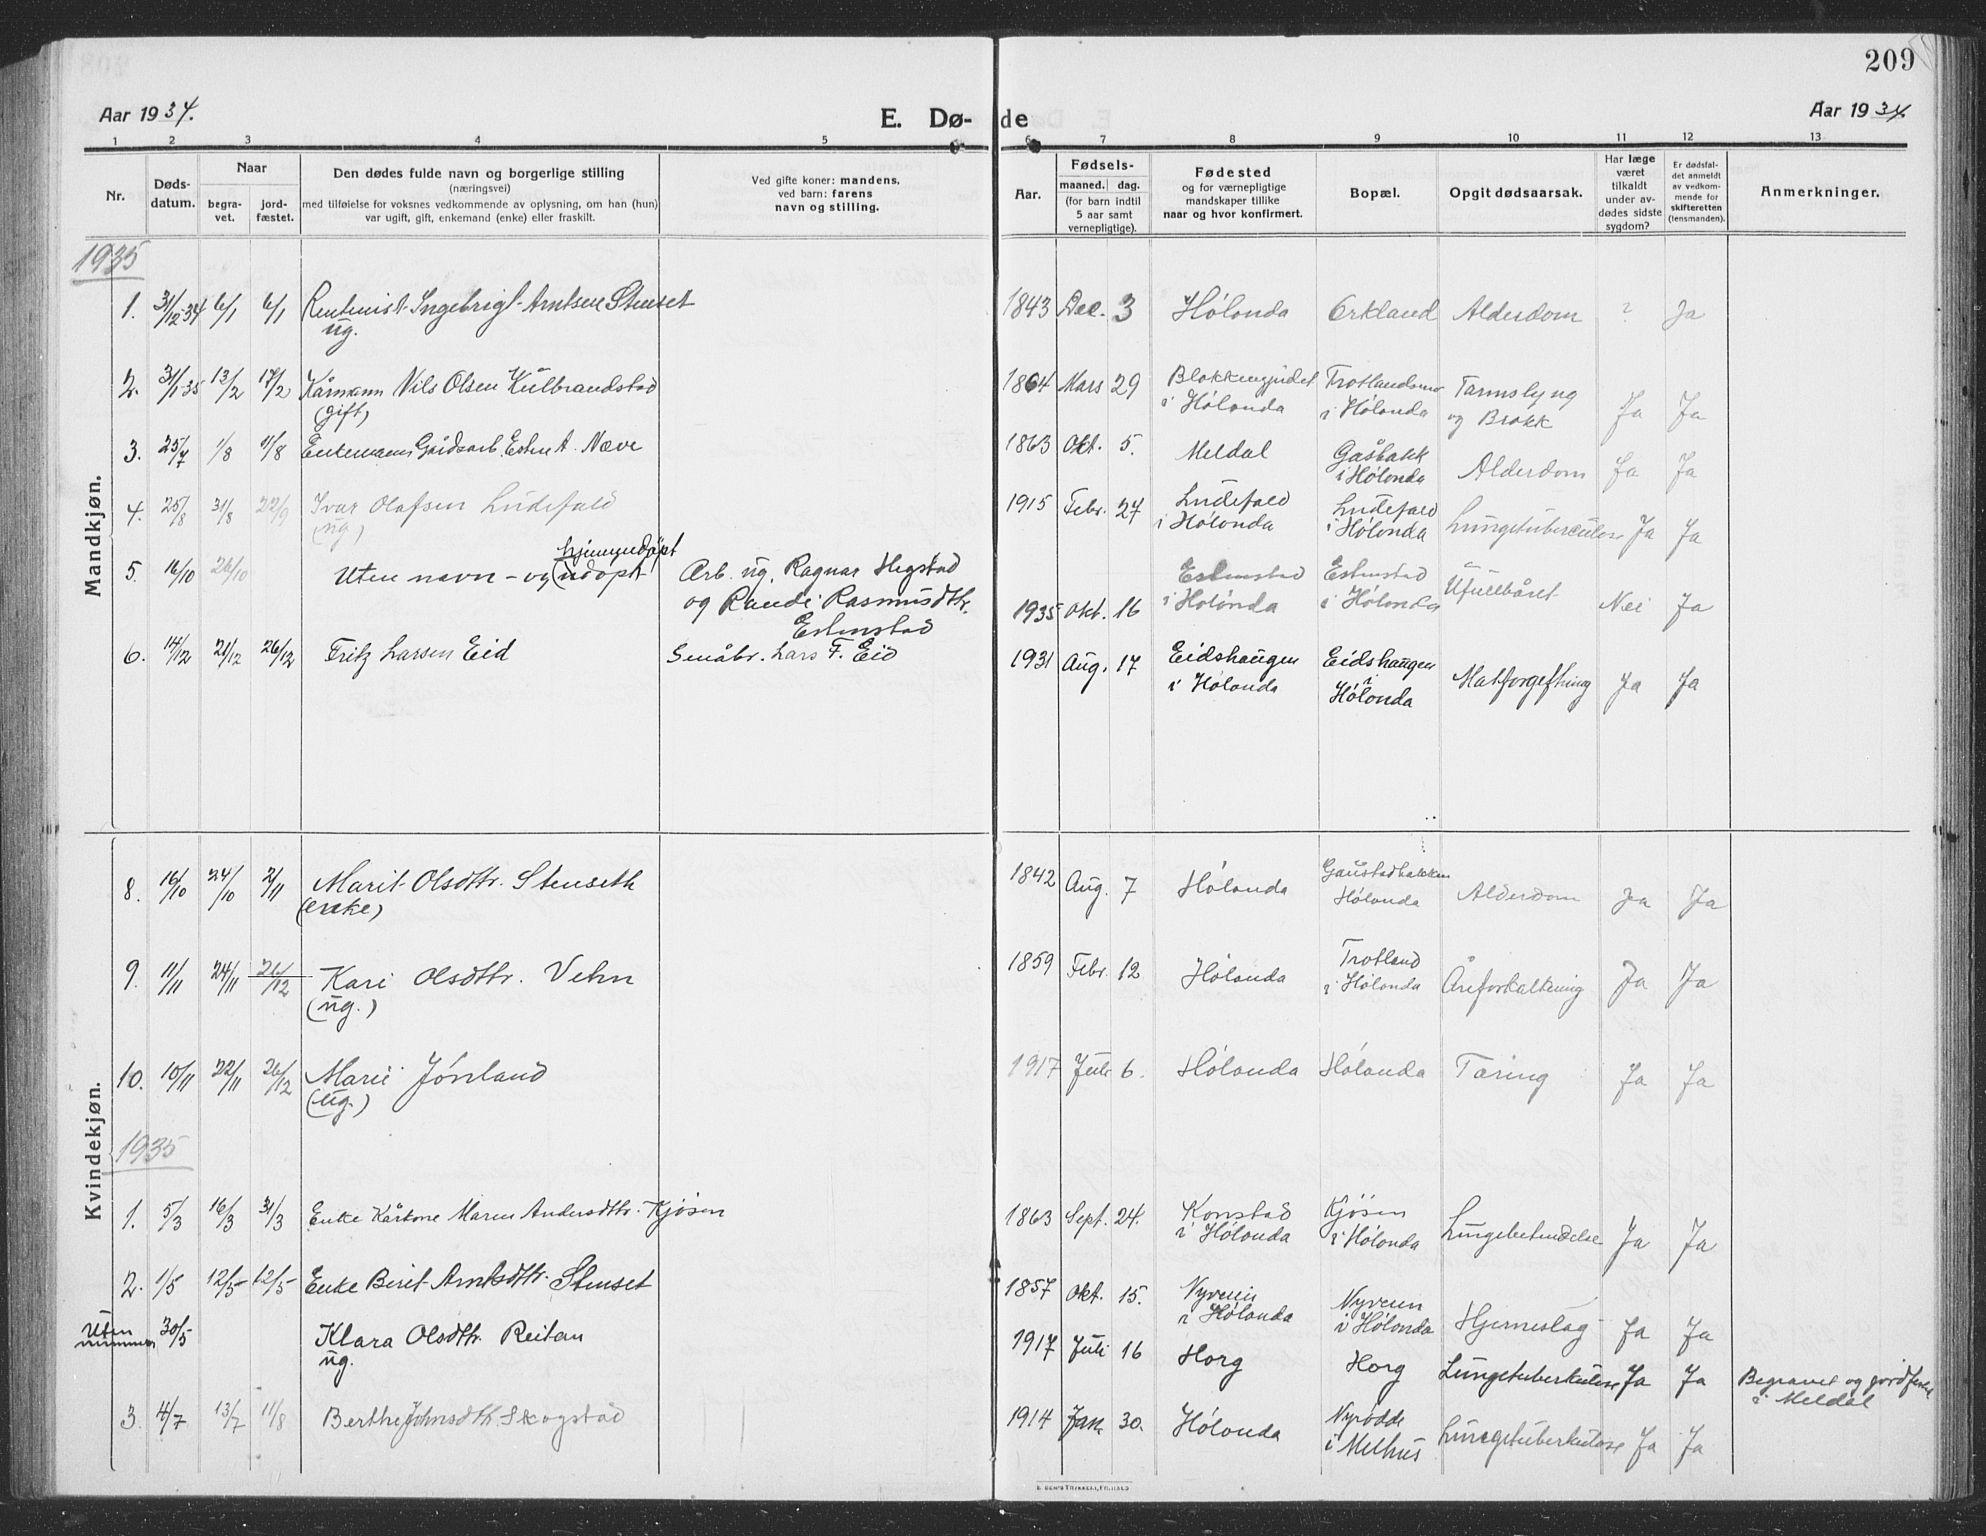 SAT, Ministerialprotokoller, klokkerbøker og fødselsregistre - Sør-Trøndelag, 694/L1134: Klokkerbok nr. 694C06, 1915-1937, s. 209